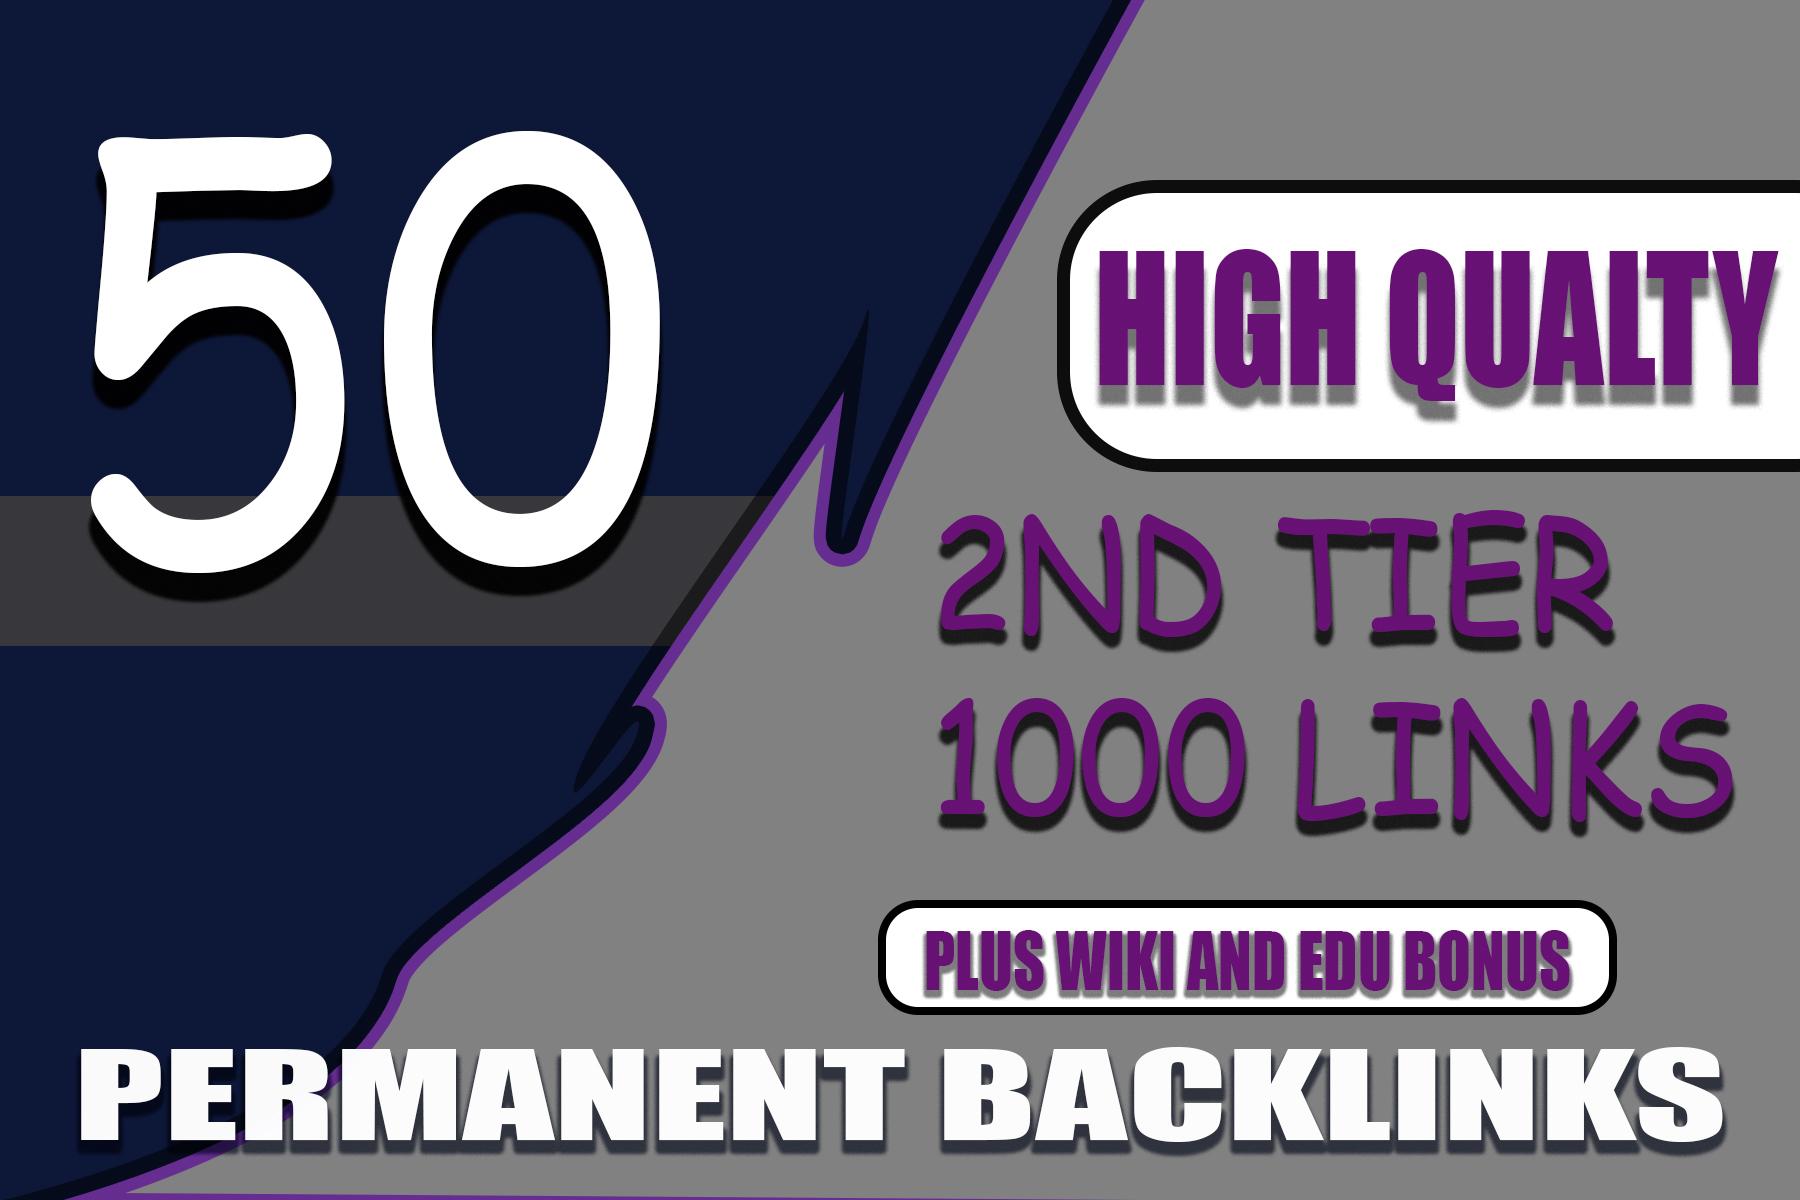 EDU + WIKI 40 Do follow High pr Blog Manually contextual link Then 1000 web 2.0 + wiki